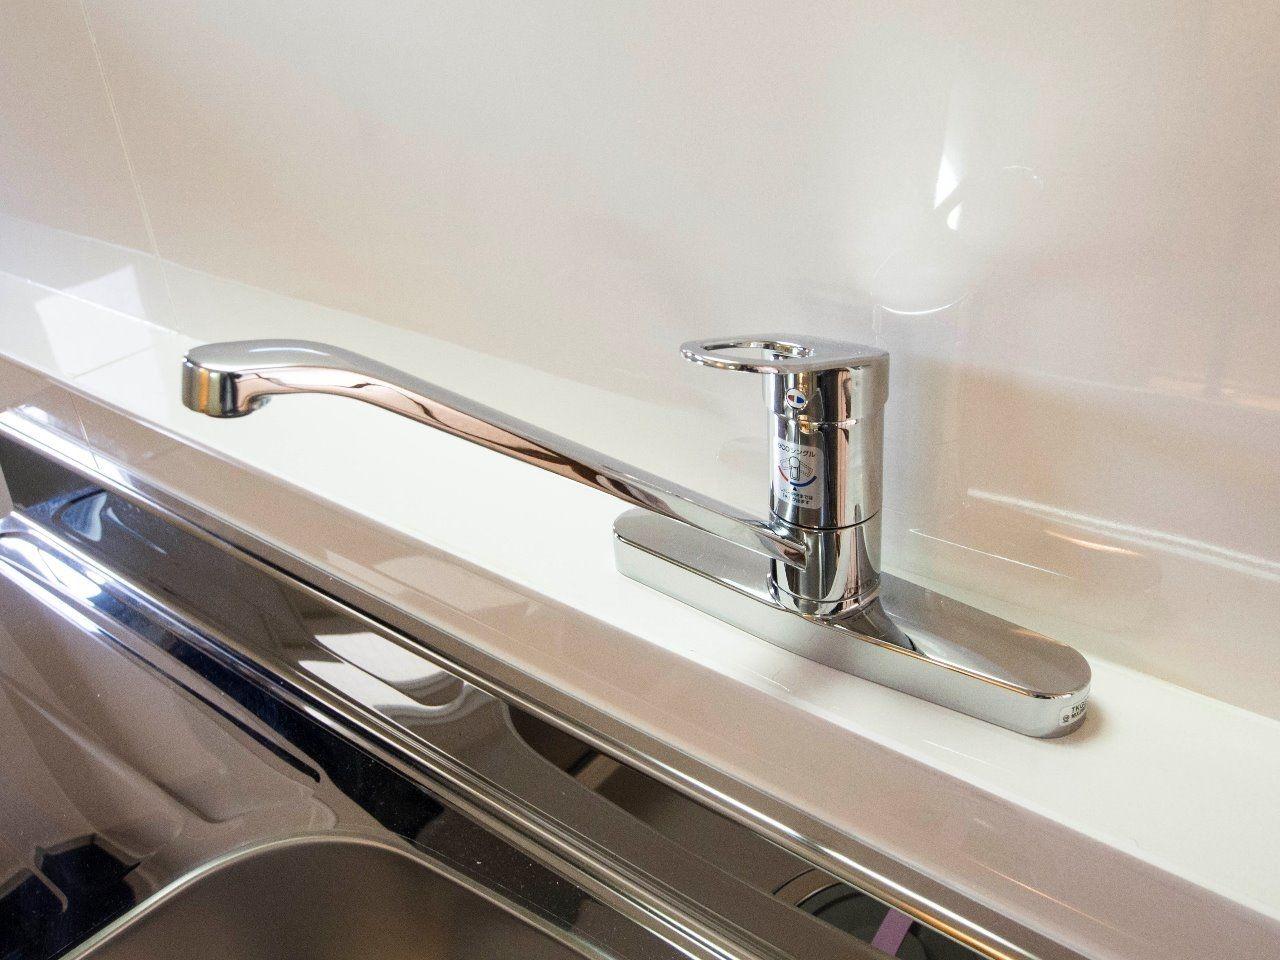 ワンレバー式で便利なキッチンの水栓